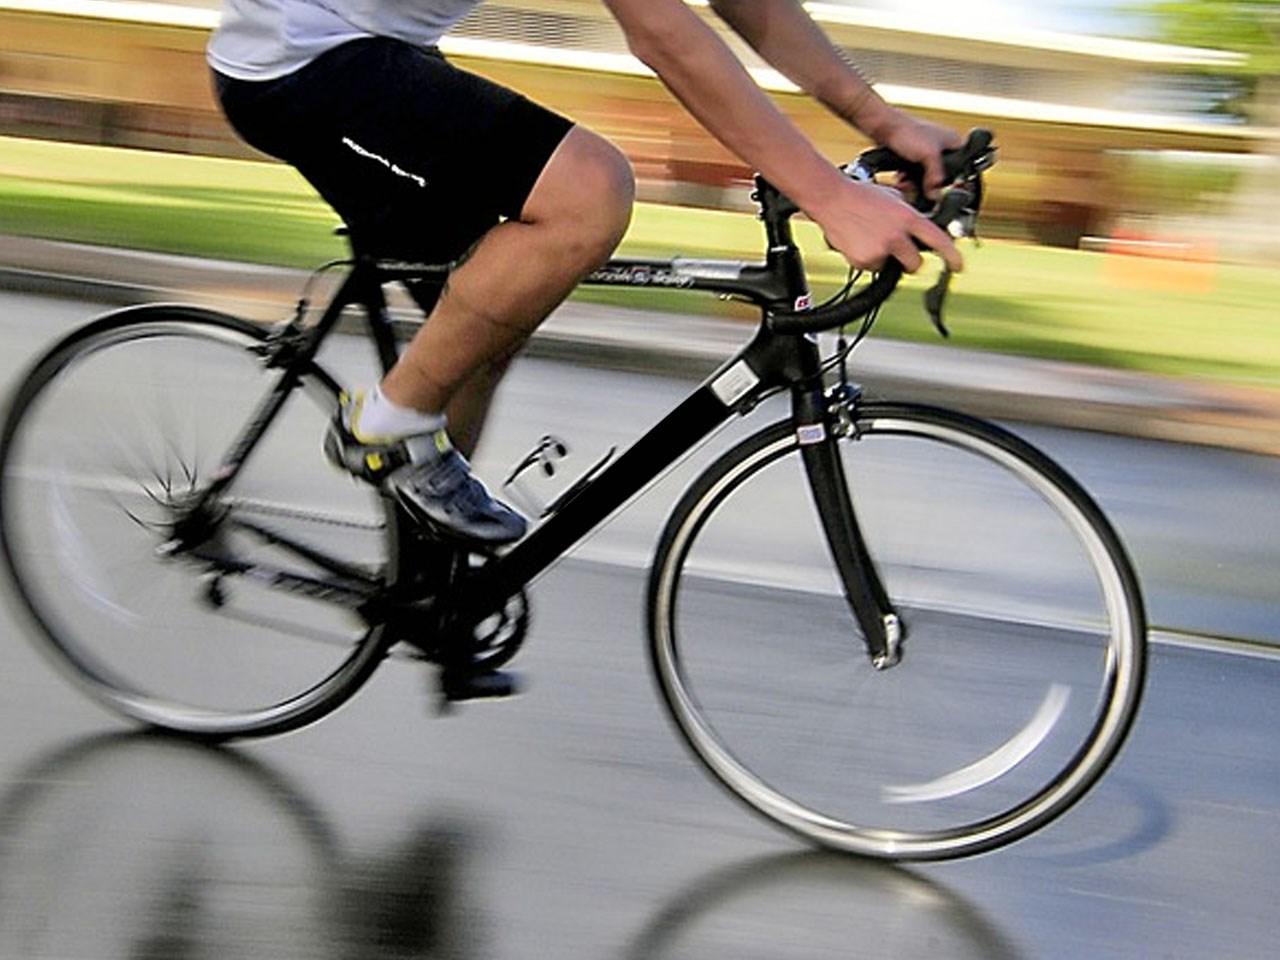 bike riding bicycle